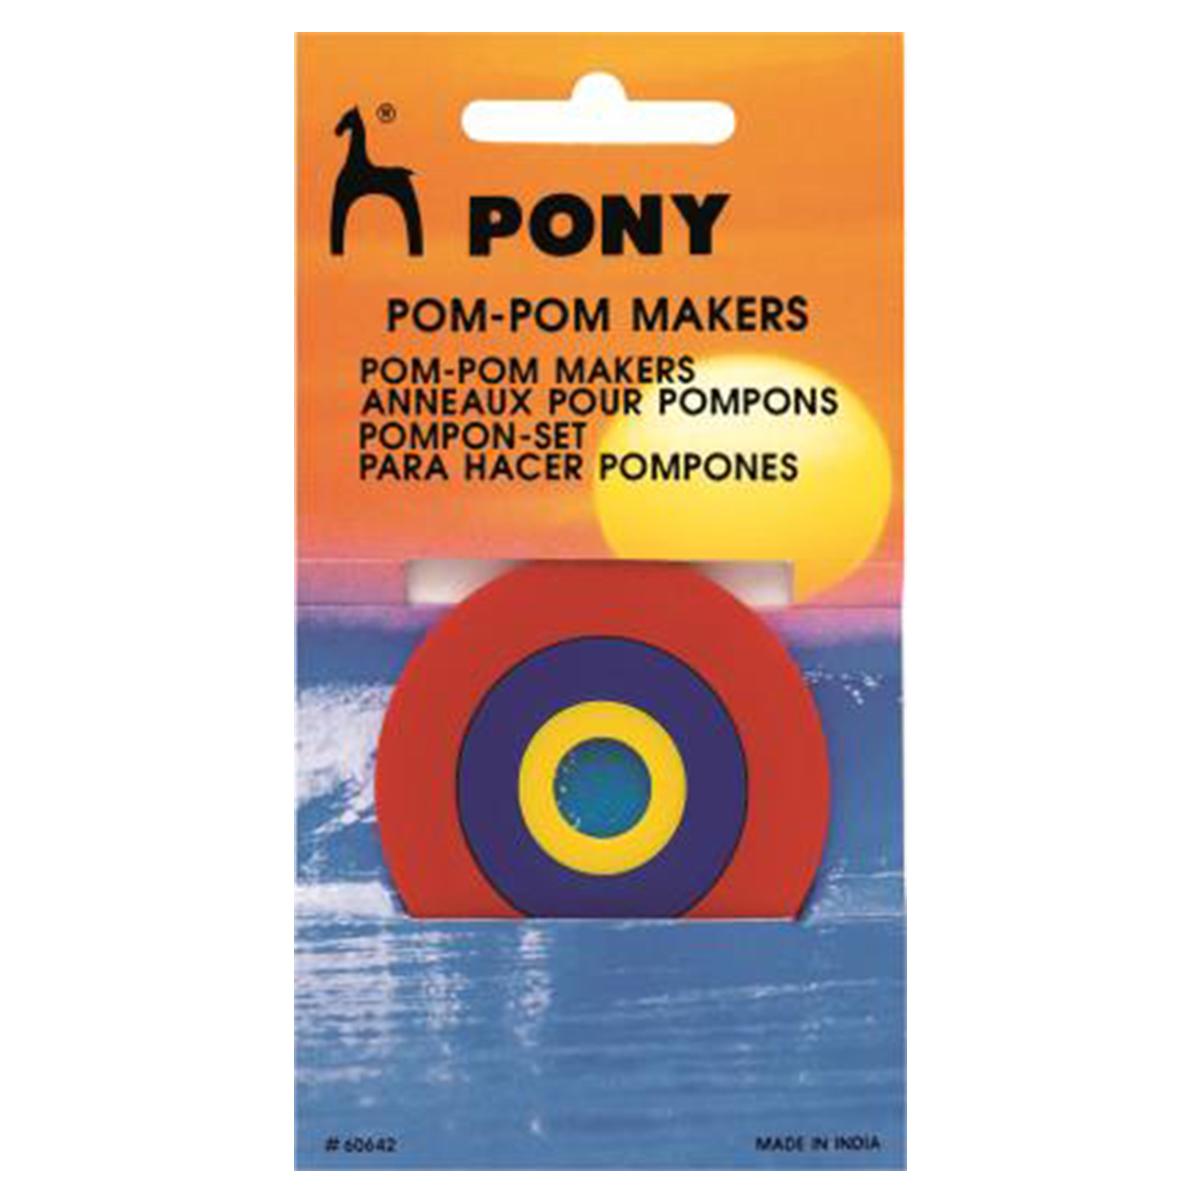 Billede af Pony pompon-sæt